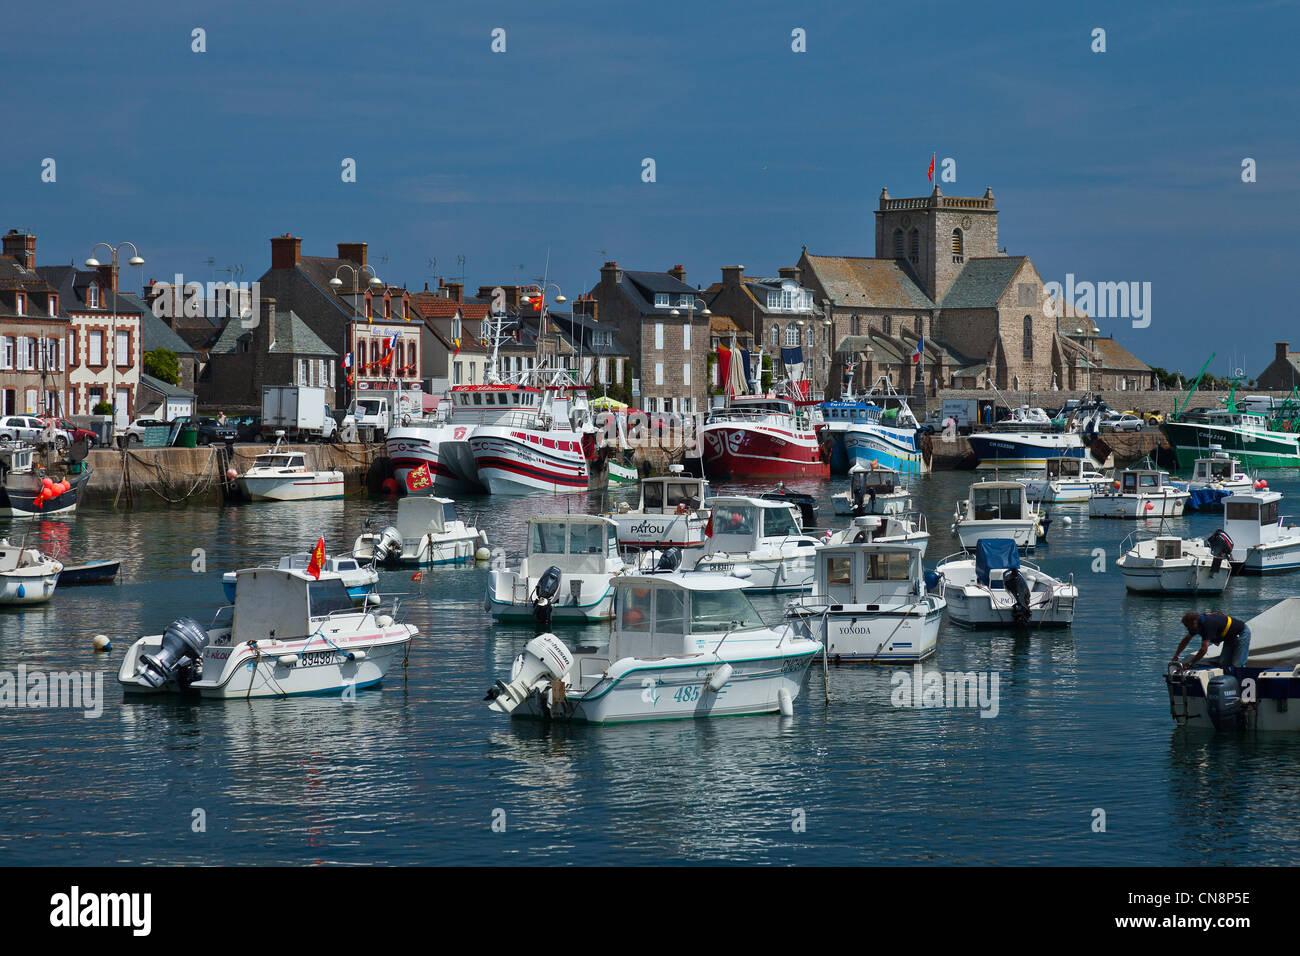 Francia, Manche, Barfleur, etiquetados Les Plus Beaux aldeas de France (Los pueblos más bellos de Francia), el puerto pesquero Foto de stock